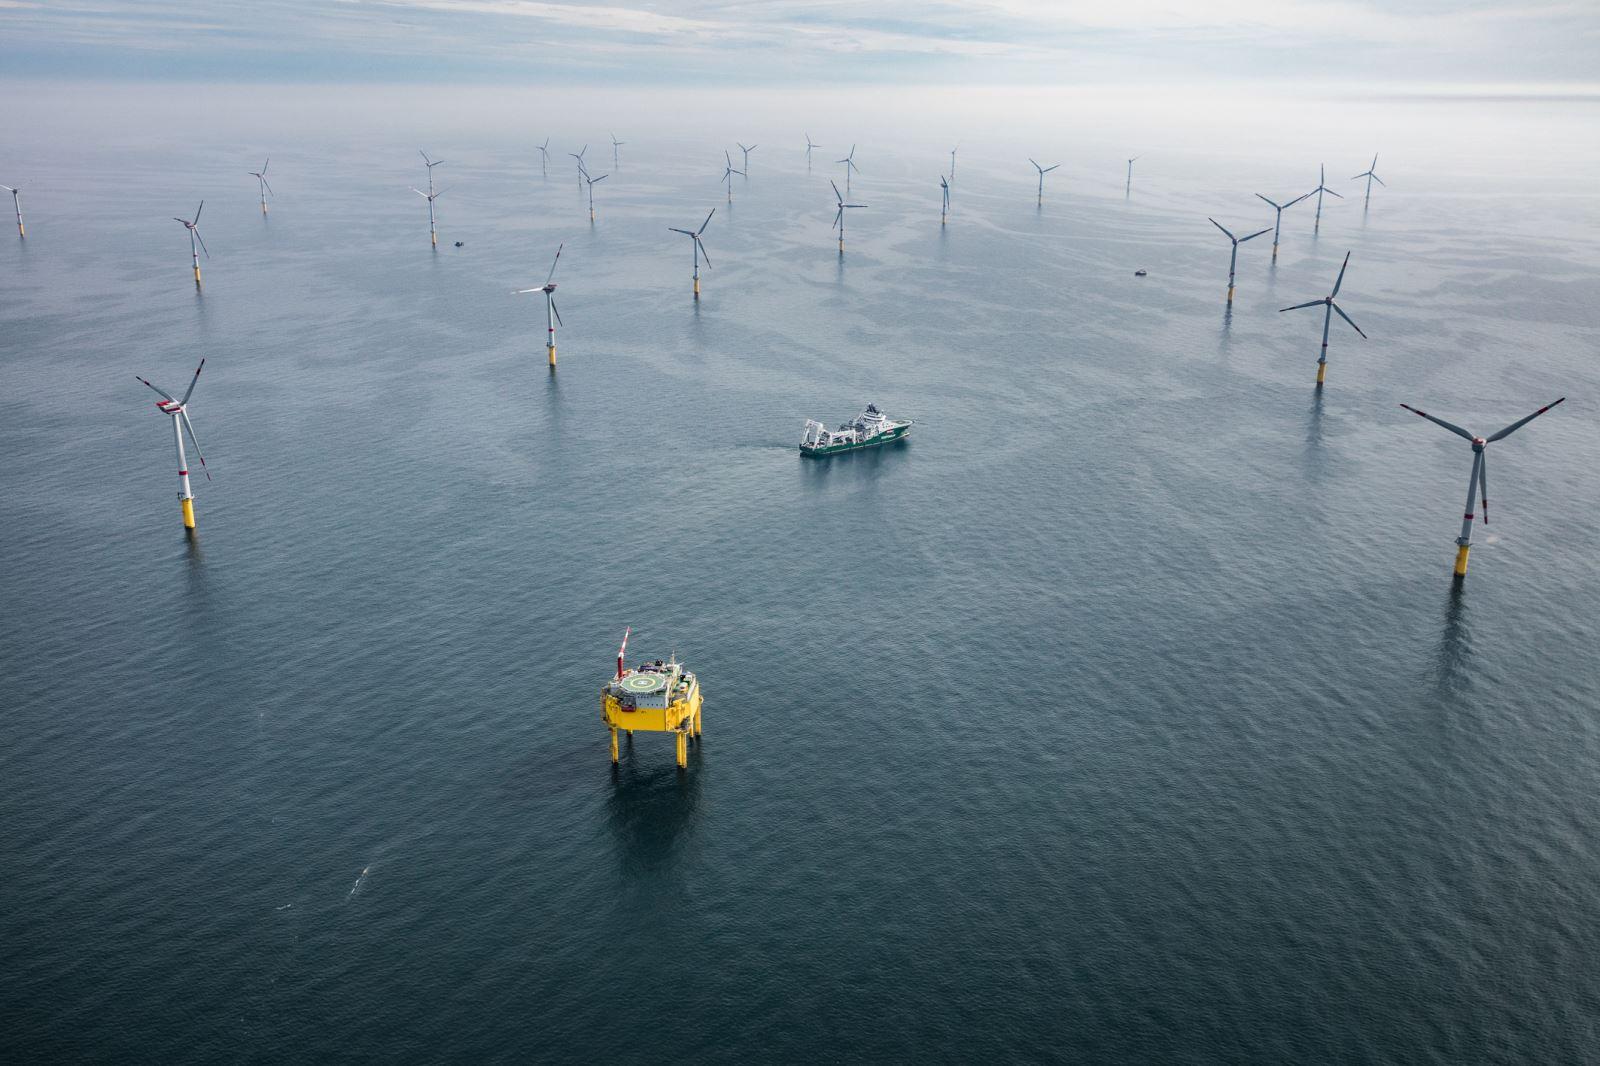 本土企业斩获英国近一半的海上风电工程